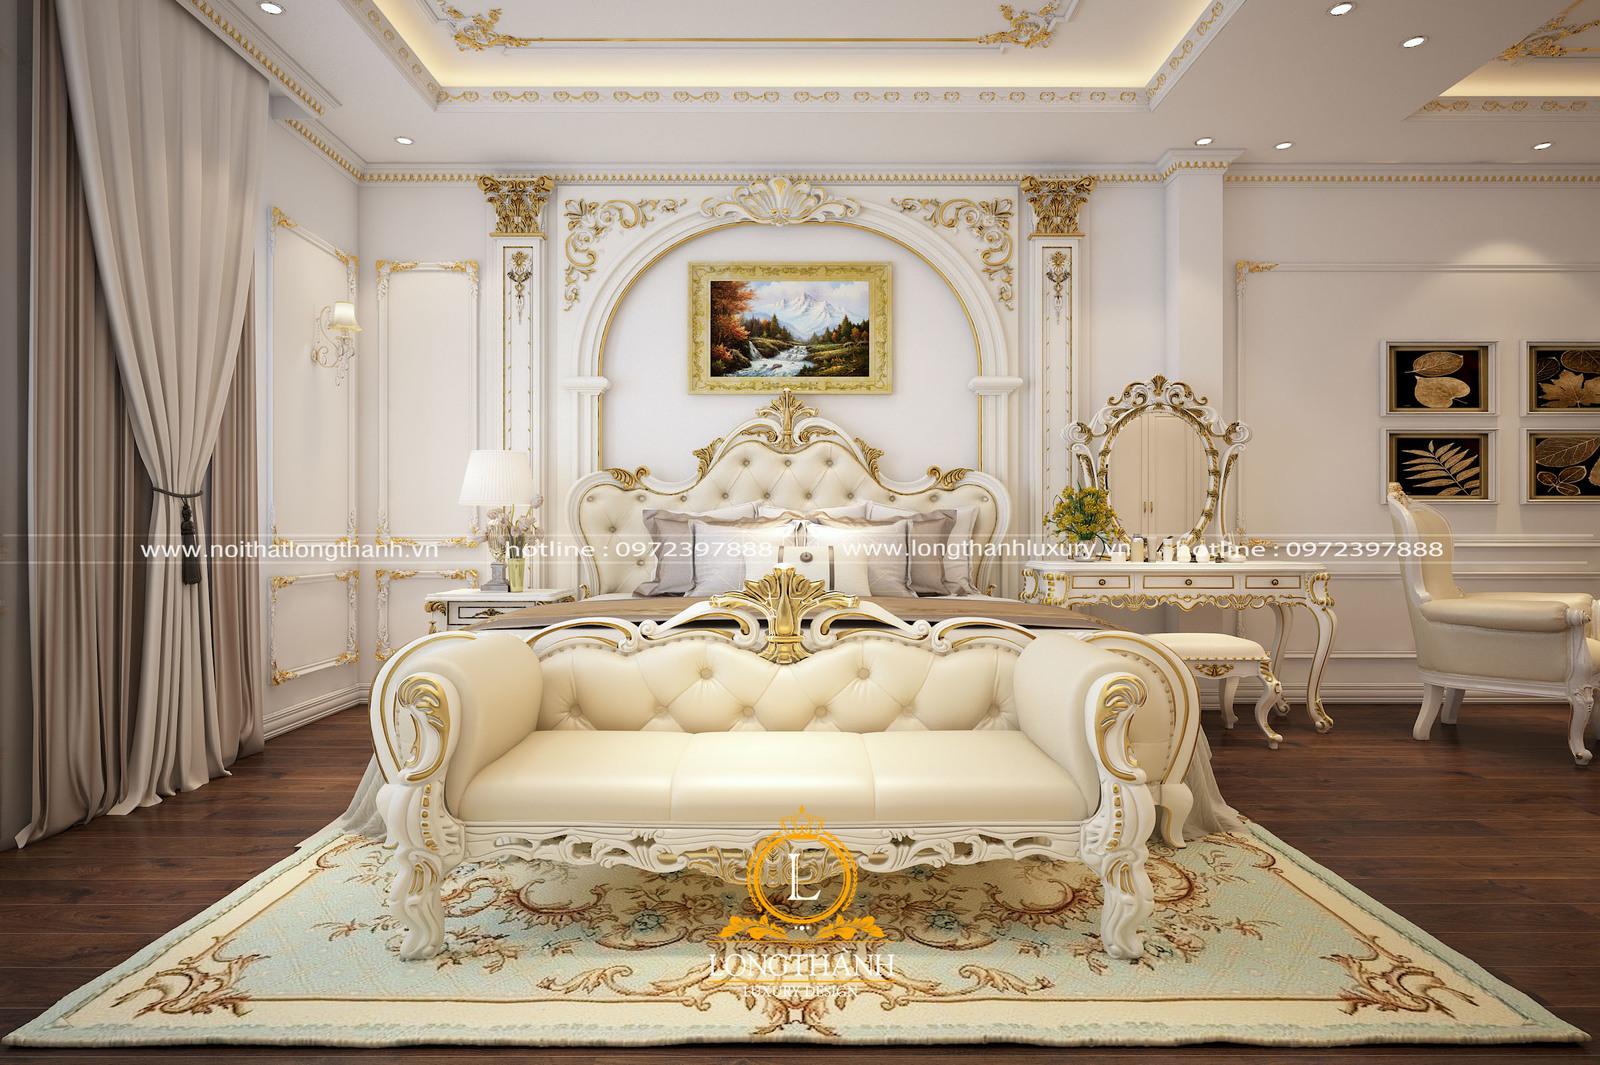 Giường ngủ tân cổ điển gỗ bọc da tự nhiên cao cấp